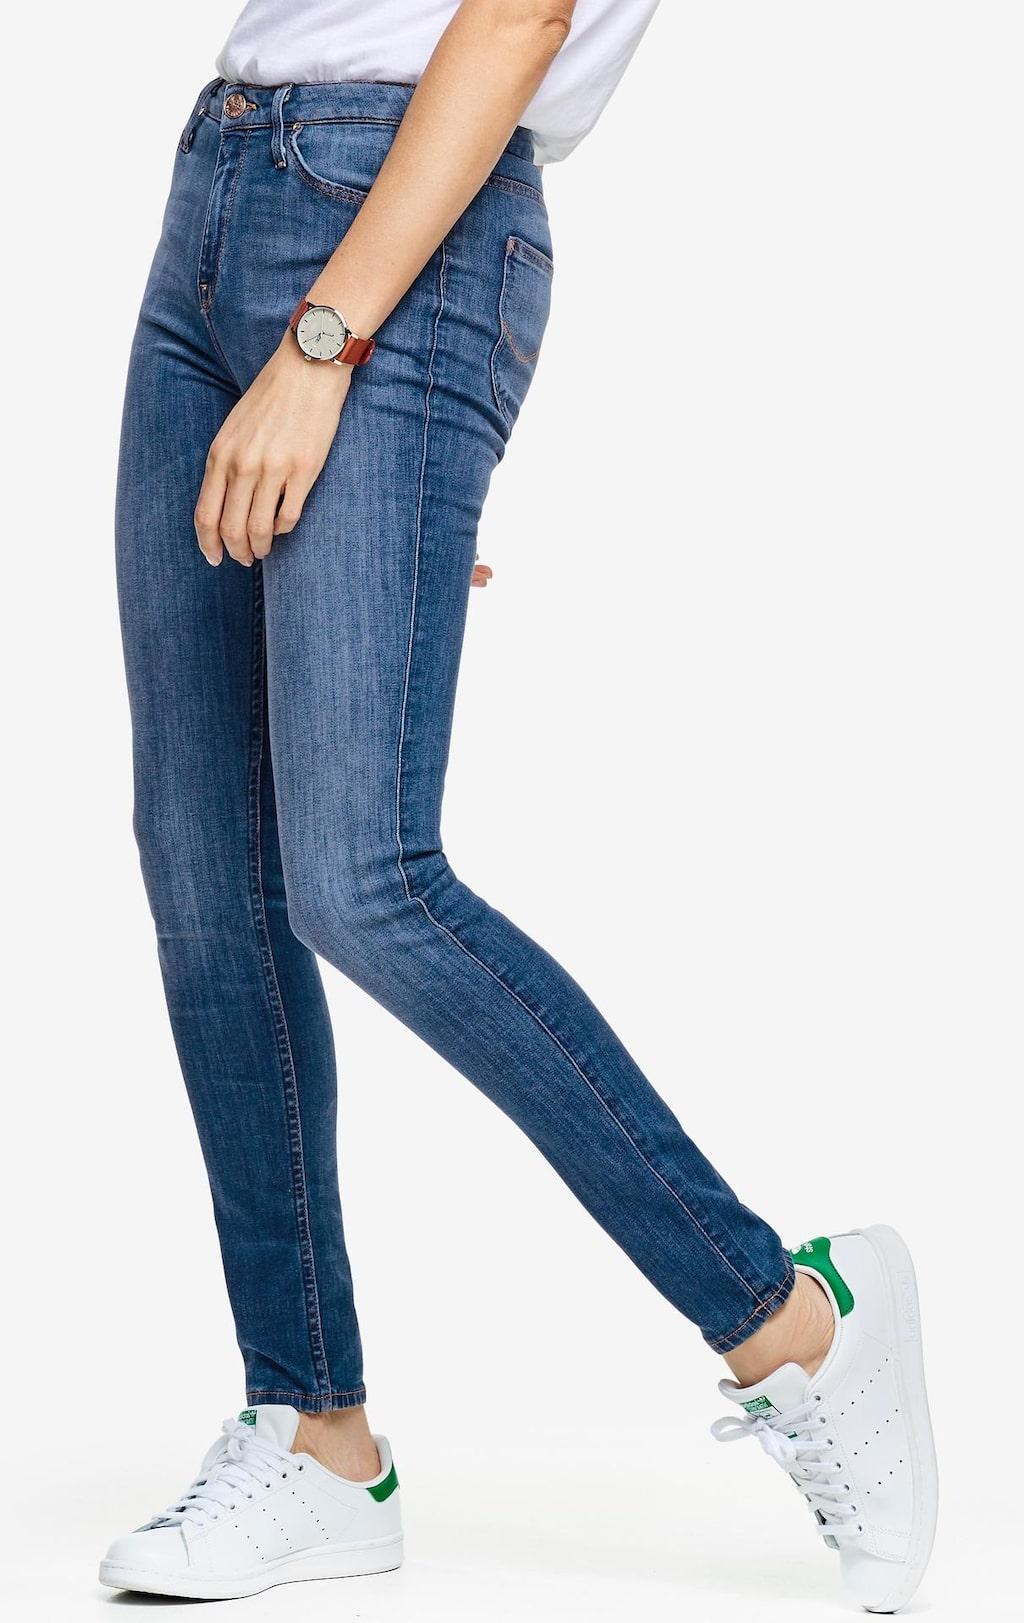 Håller in. Jeans Scarlett High från Lee i riktigt följsam stretchdenim. Modell med smal passform och hög midja samt smala lår och benslut. Klassisk modell med fem fickor och dekorstickade sömmar, 999 kronor, Ellos.